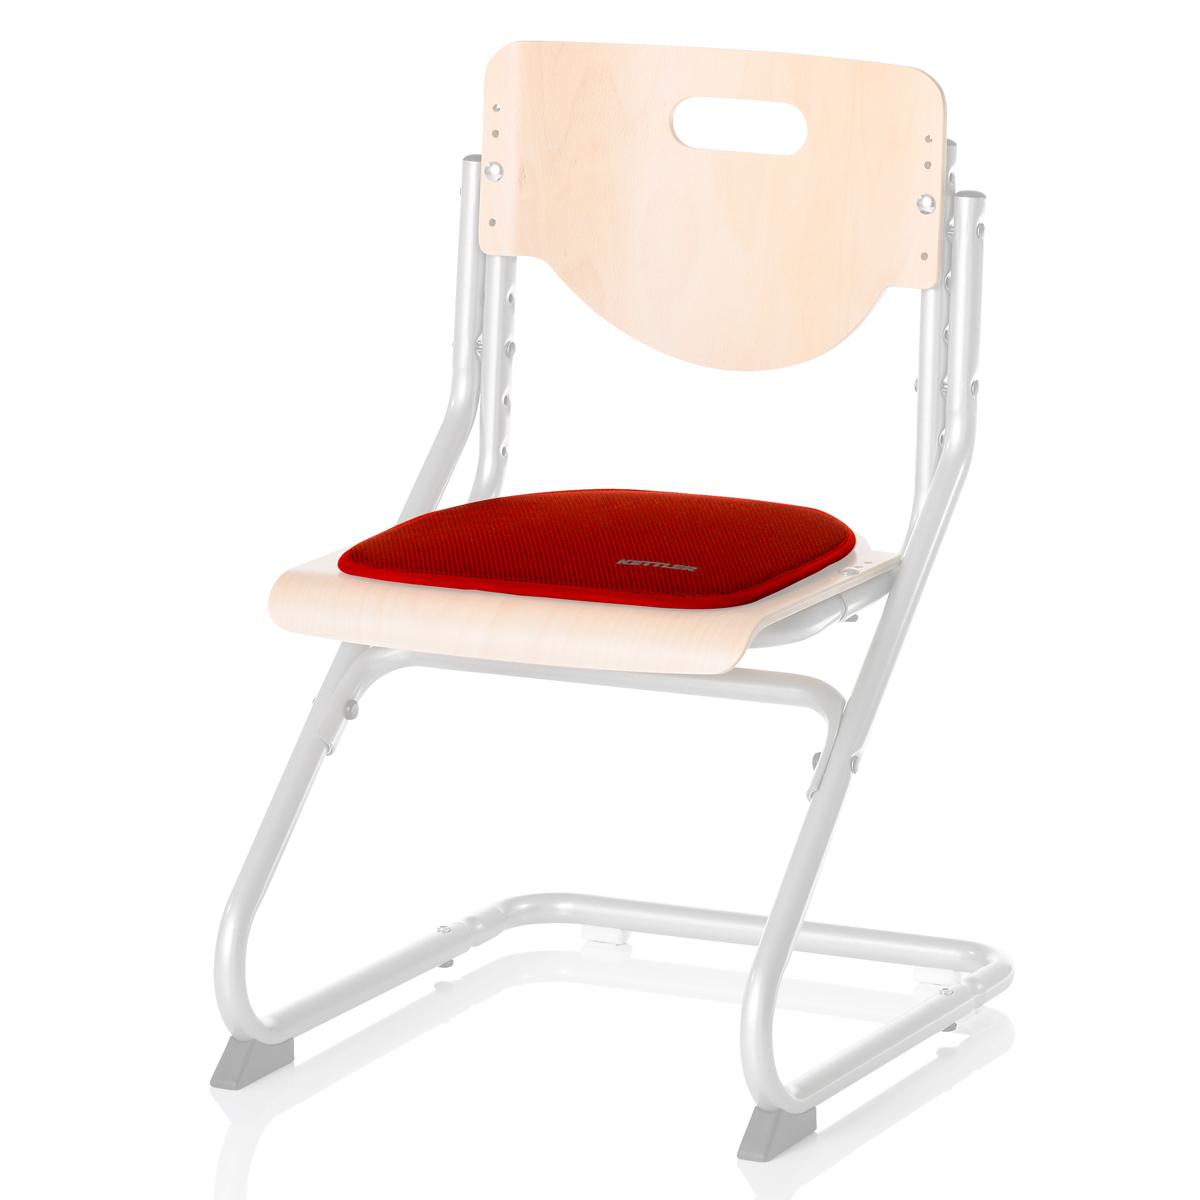 KETTLER poduszka do krzesła CHAIR PLUS, 6785 600 (czerwony czarny)